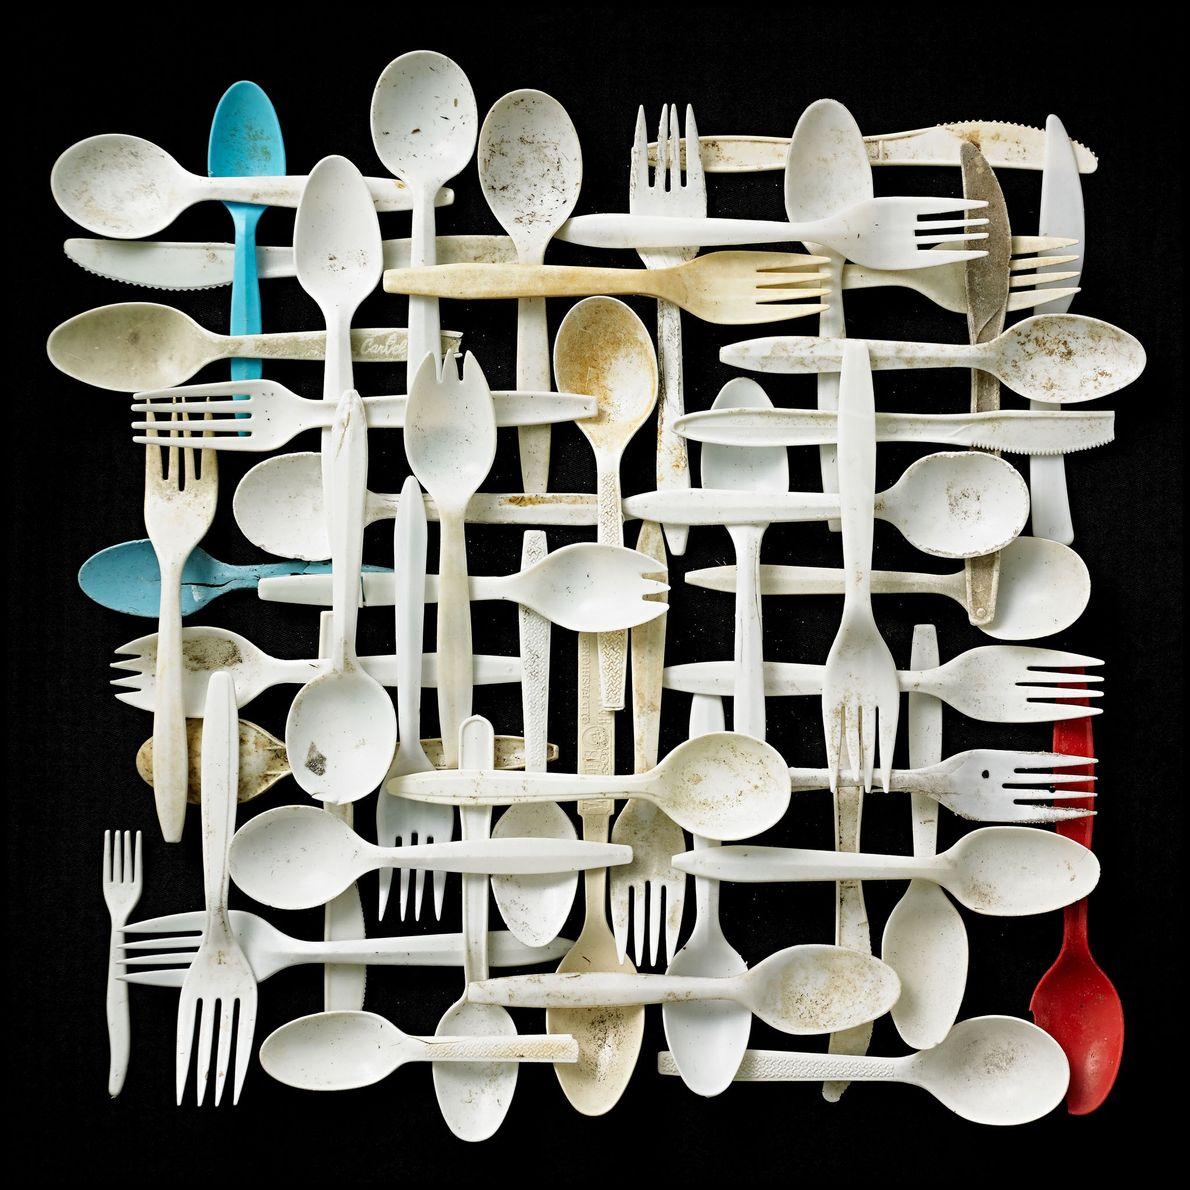 Los fabricantes diseñan productos como utensilios de plástico y tazas para llevar, que se utilizarán solo ...